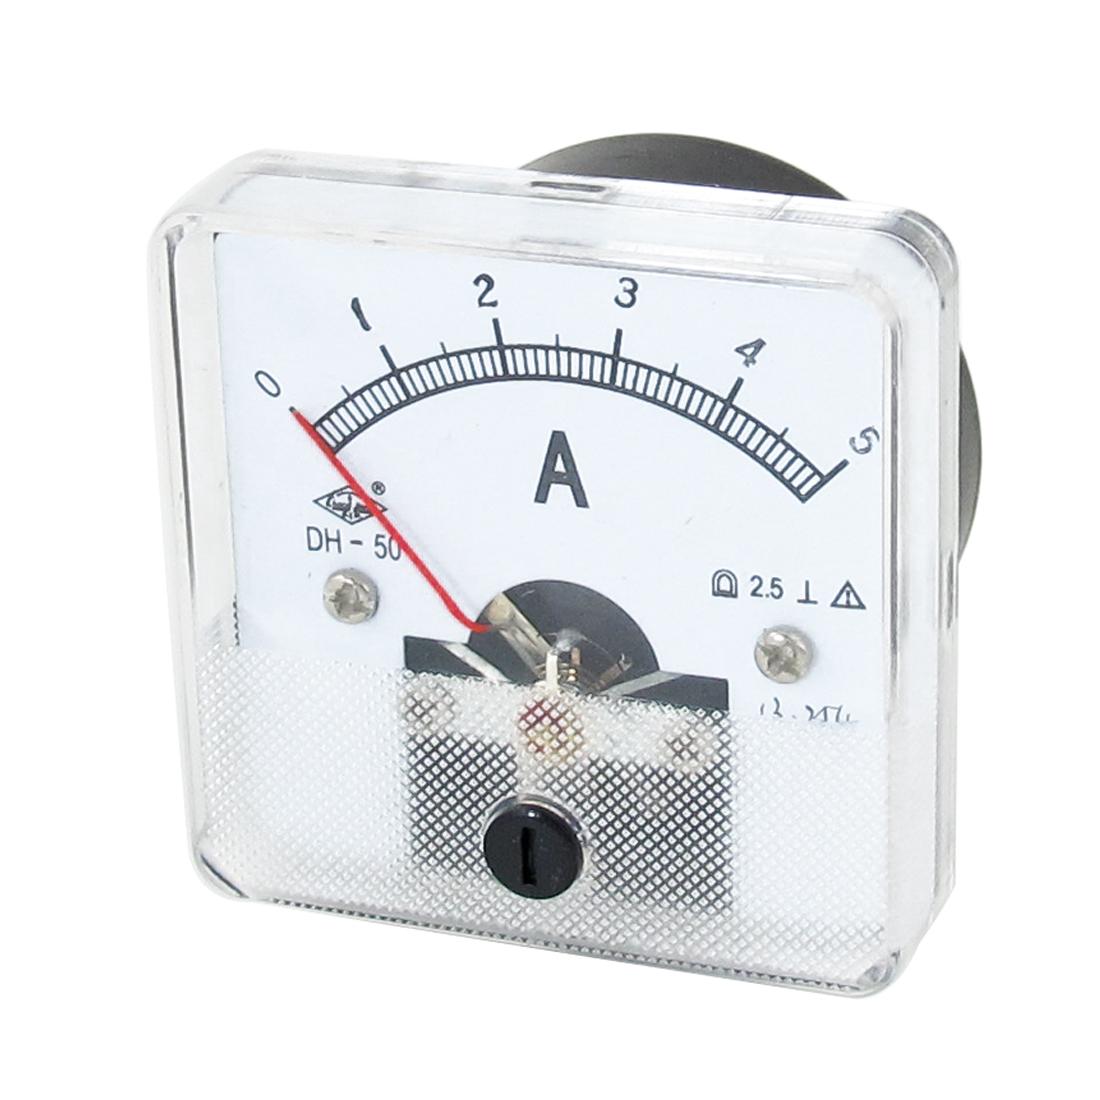 DH-50 DC 0-5A Analog Amperemeter Panel Meter Gauge